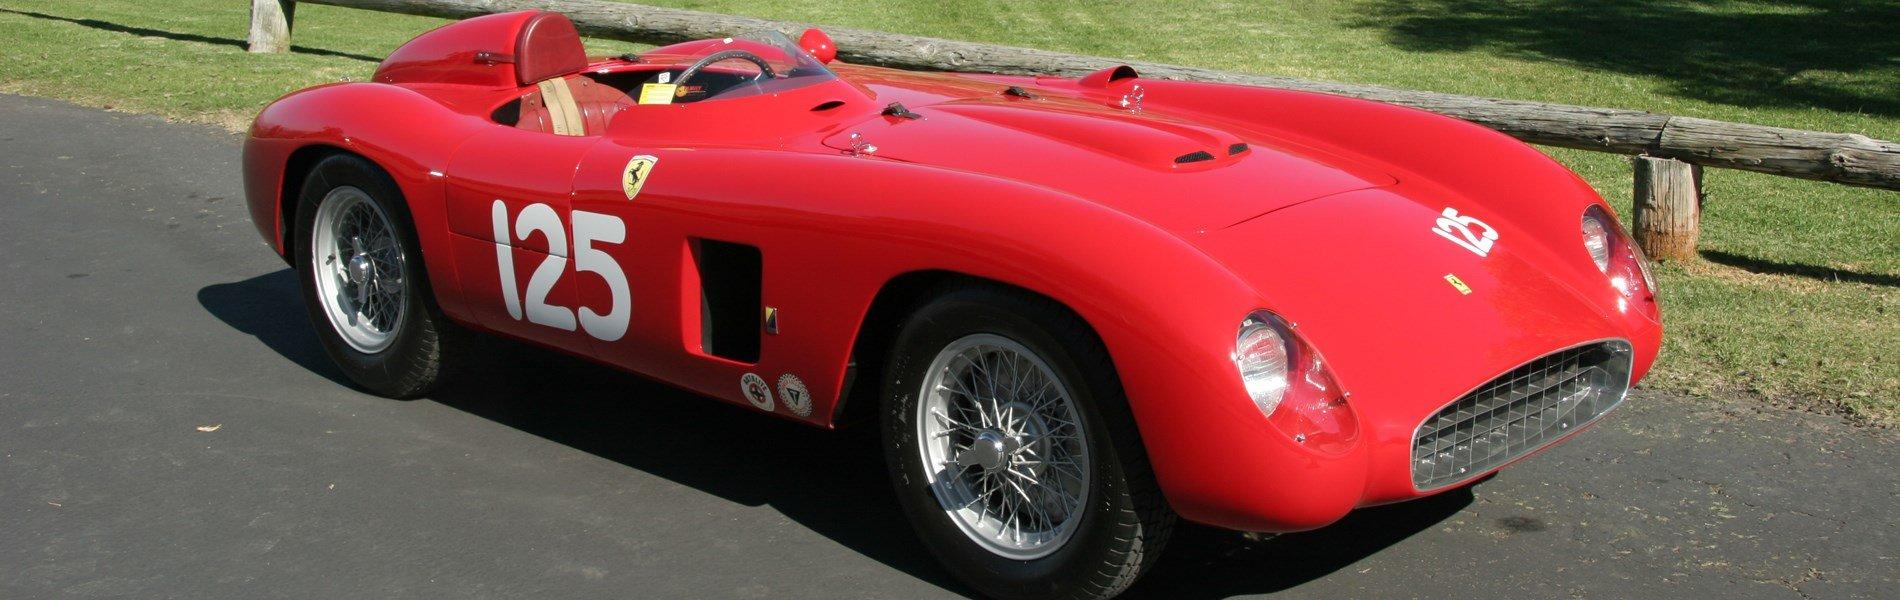 classic-car-value-estimator-in-massachusets